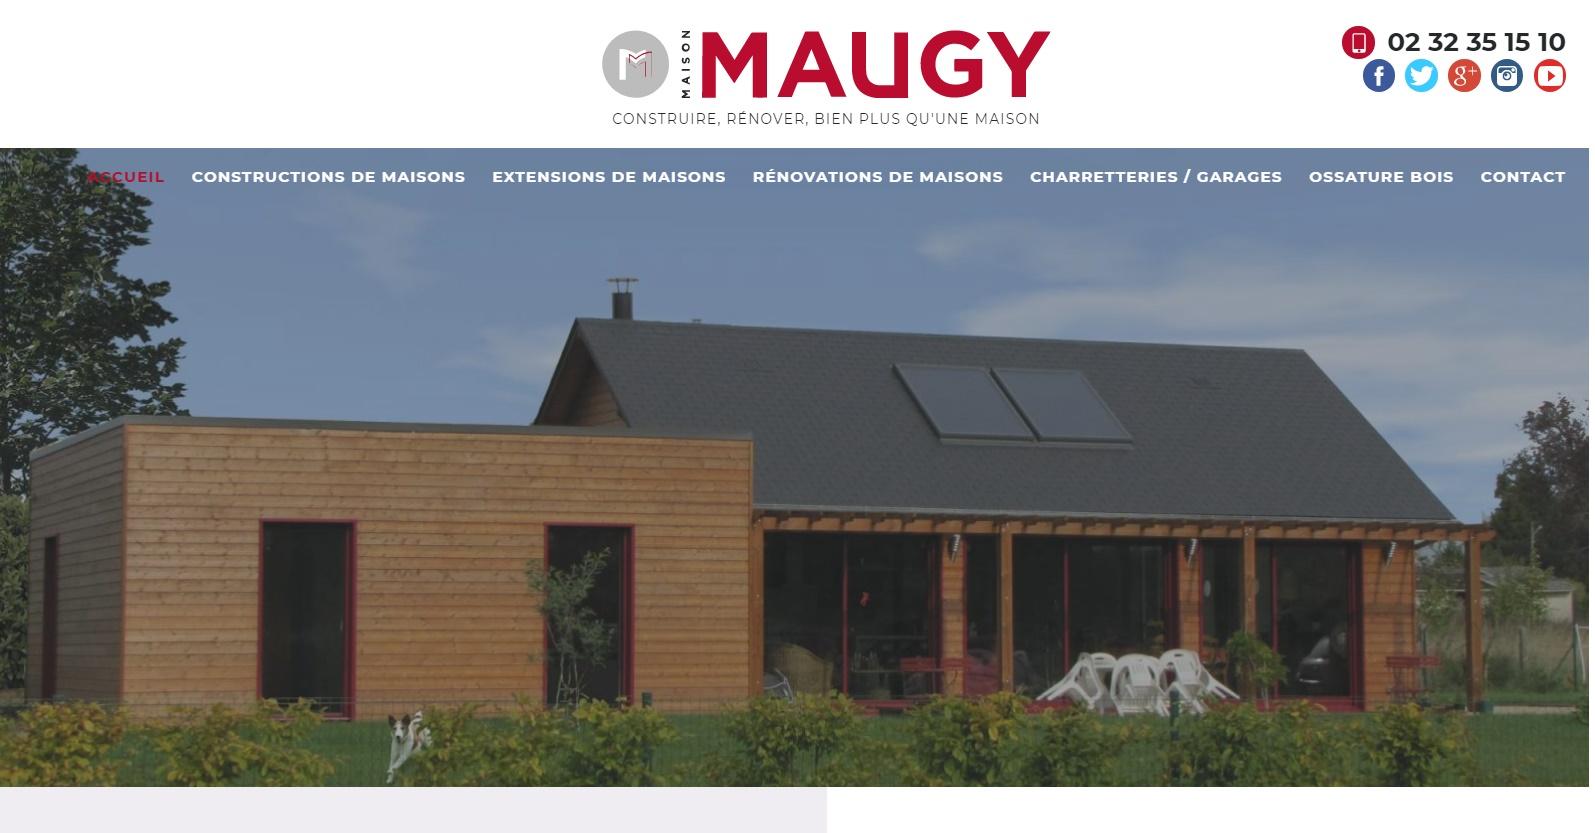 ou trouver un constructeur de maison sur internet en Normandie